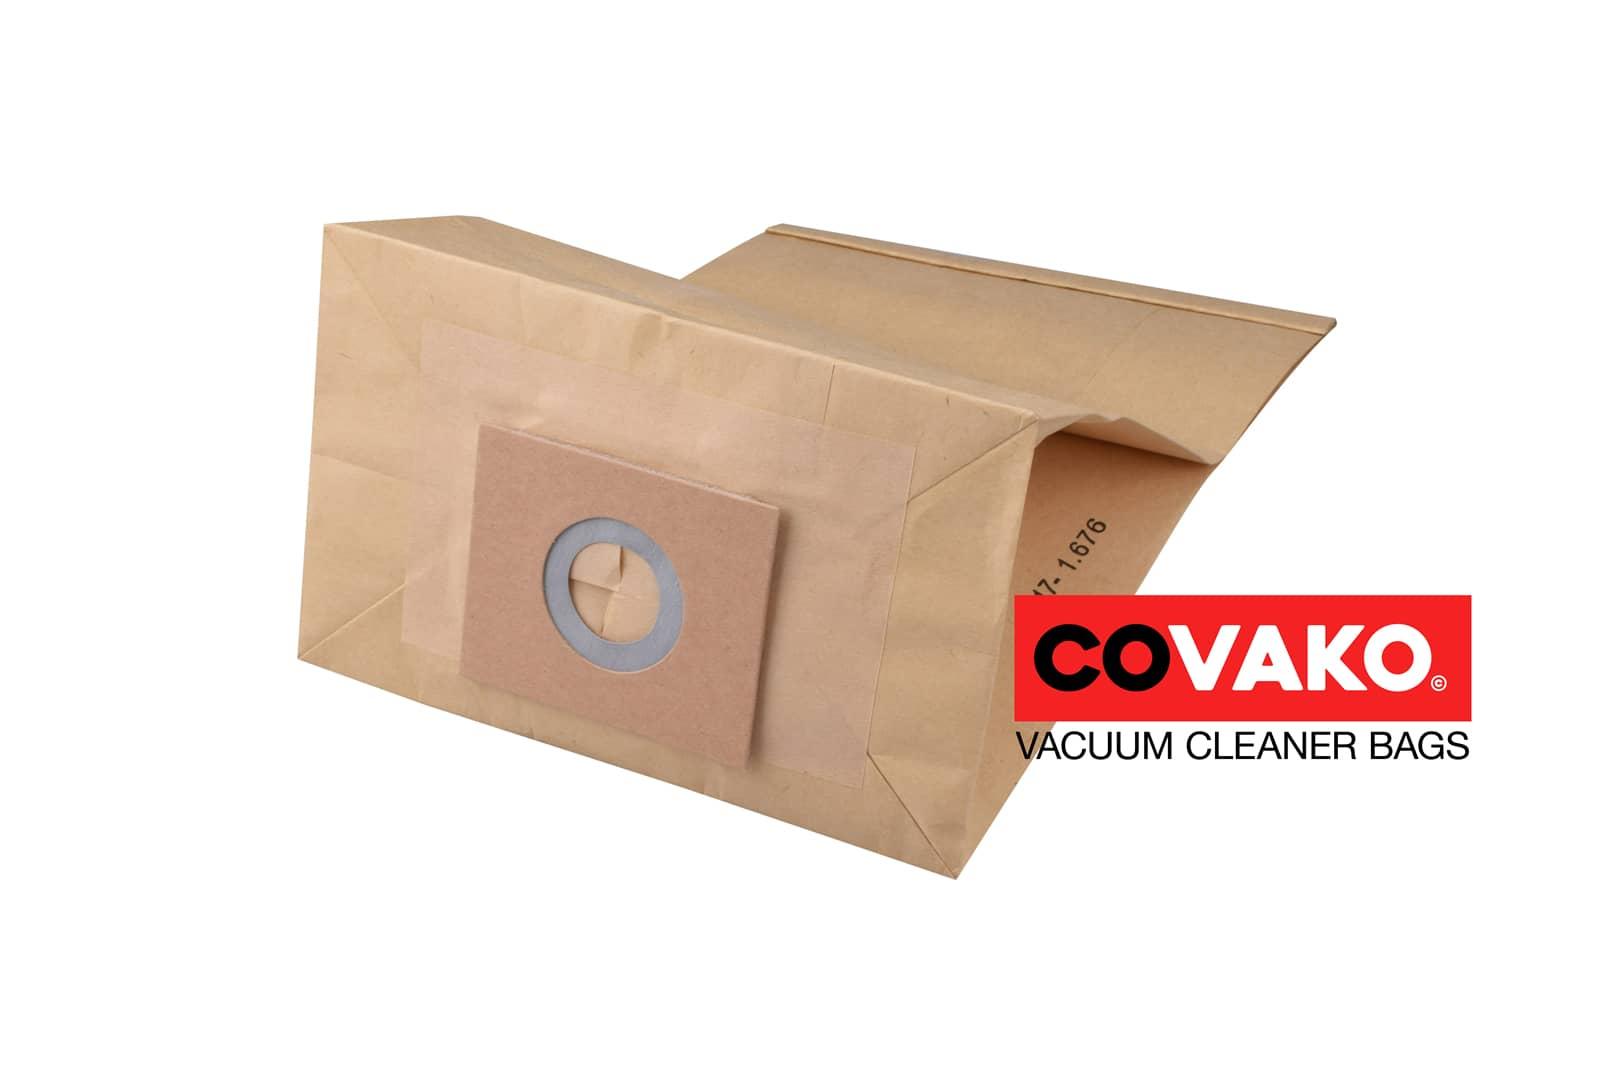 Fimap FV 15 / Papier - Fimap sacs d'aspirateur